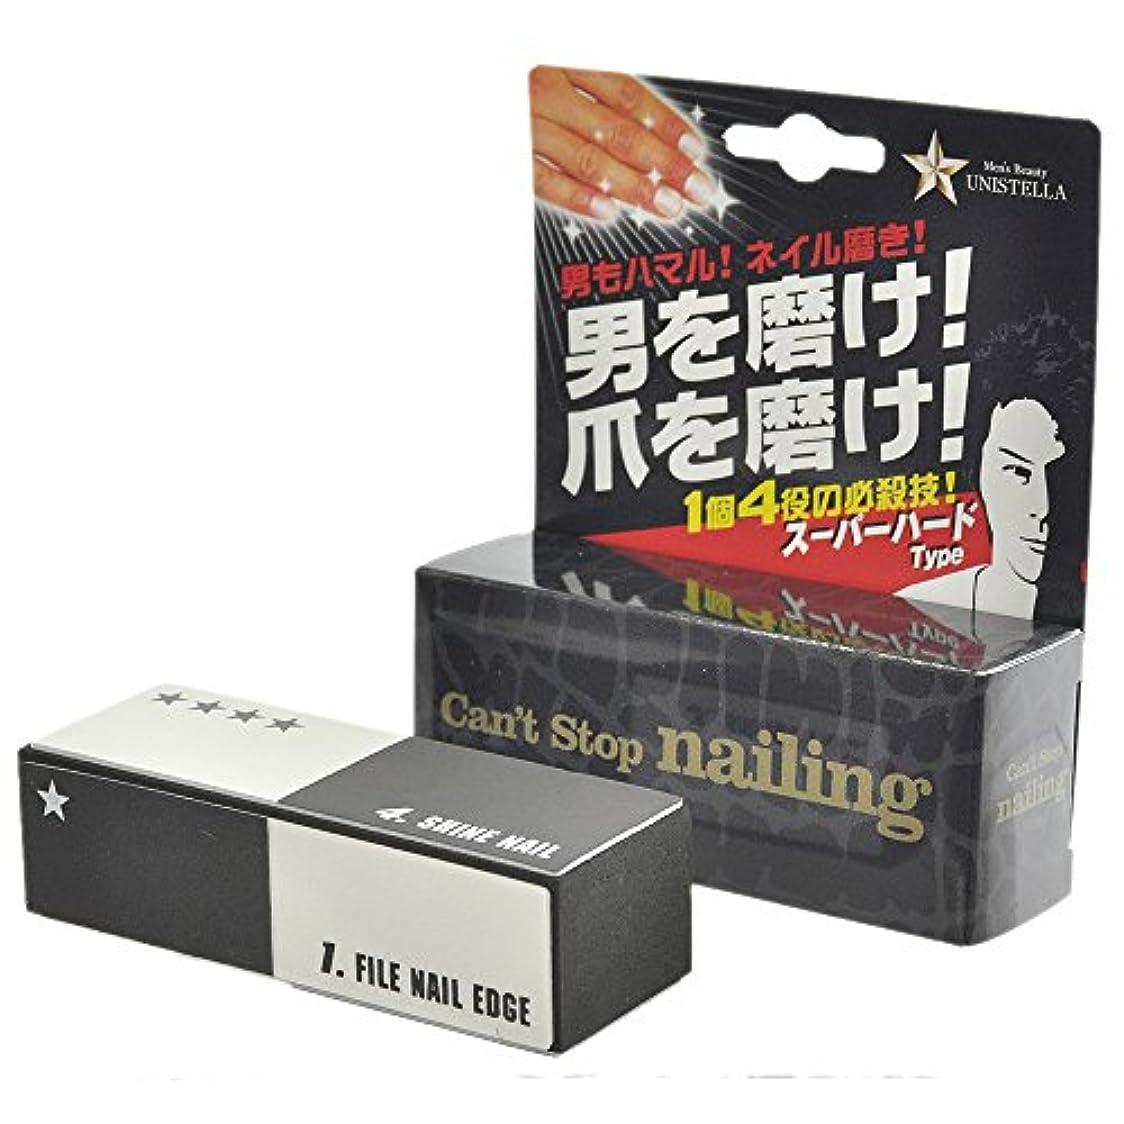 空白改善する便利さネイルケアキューブ 男を磨け!爪を磨け! 4面タイプ 6個セット USL-6